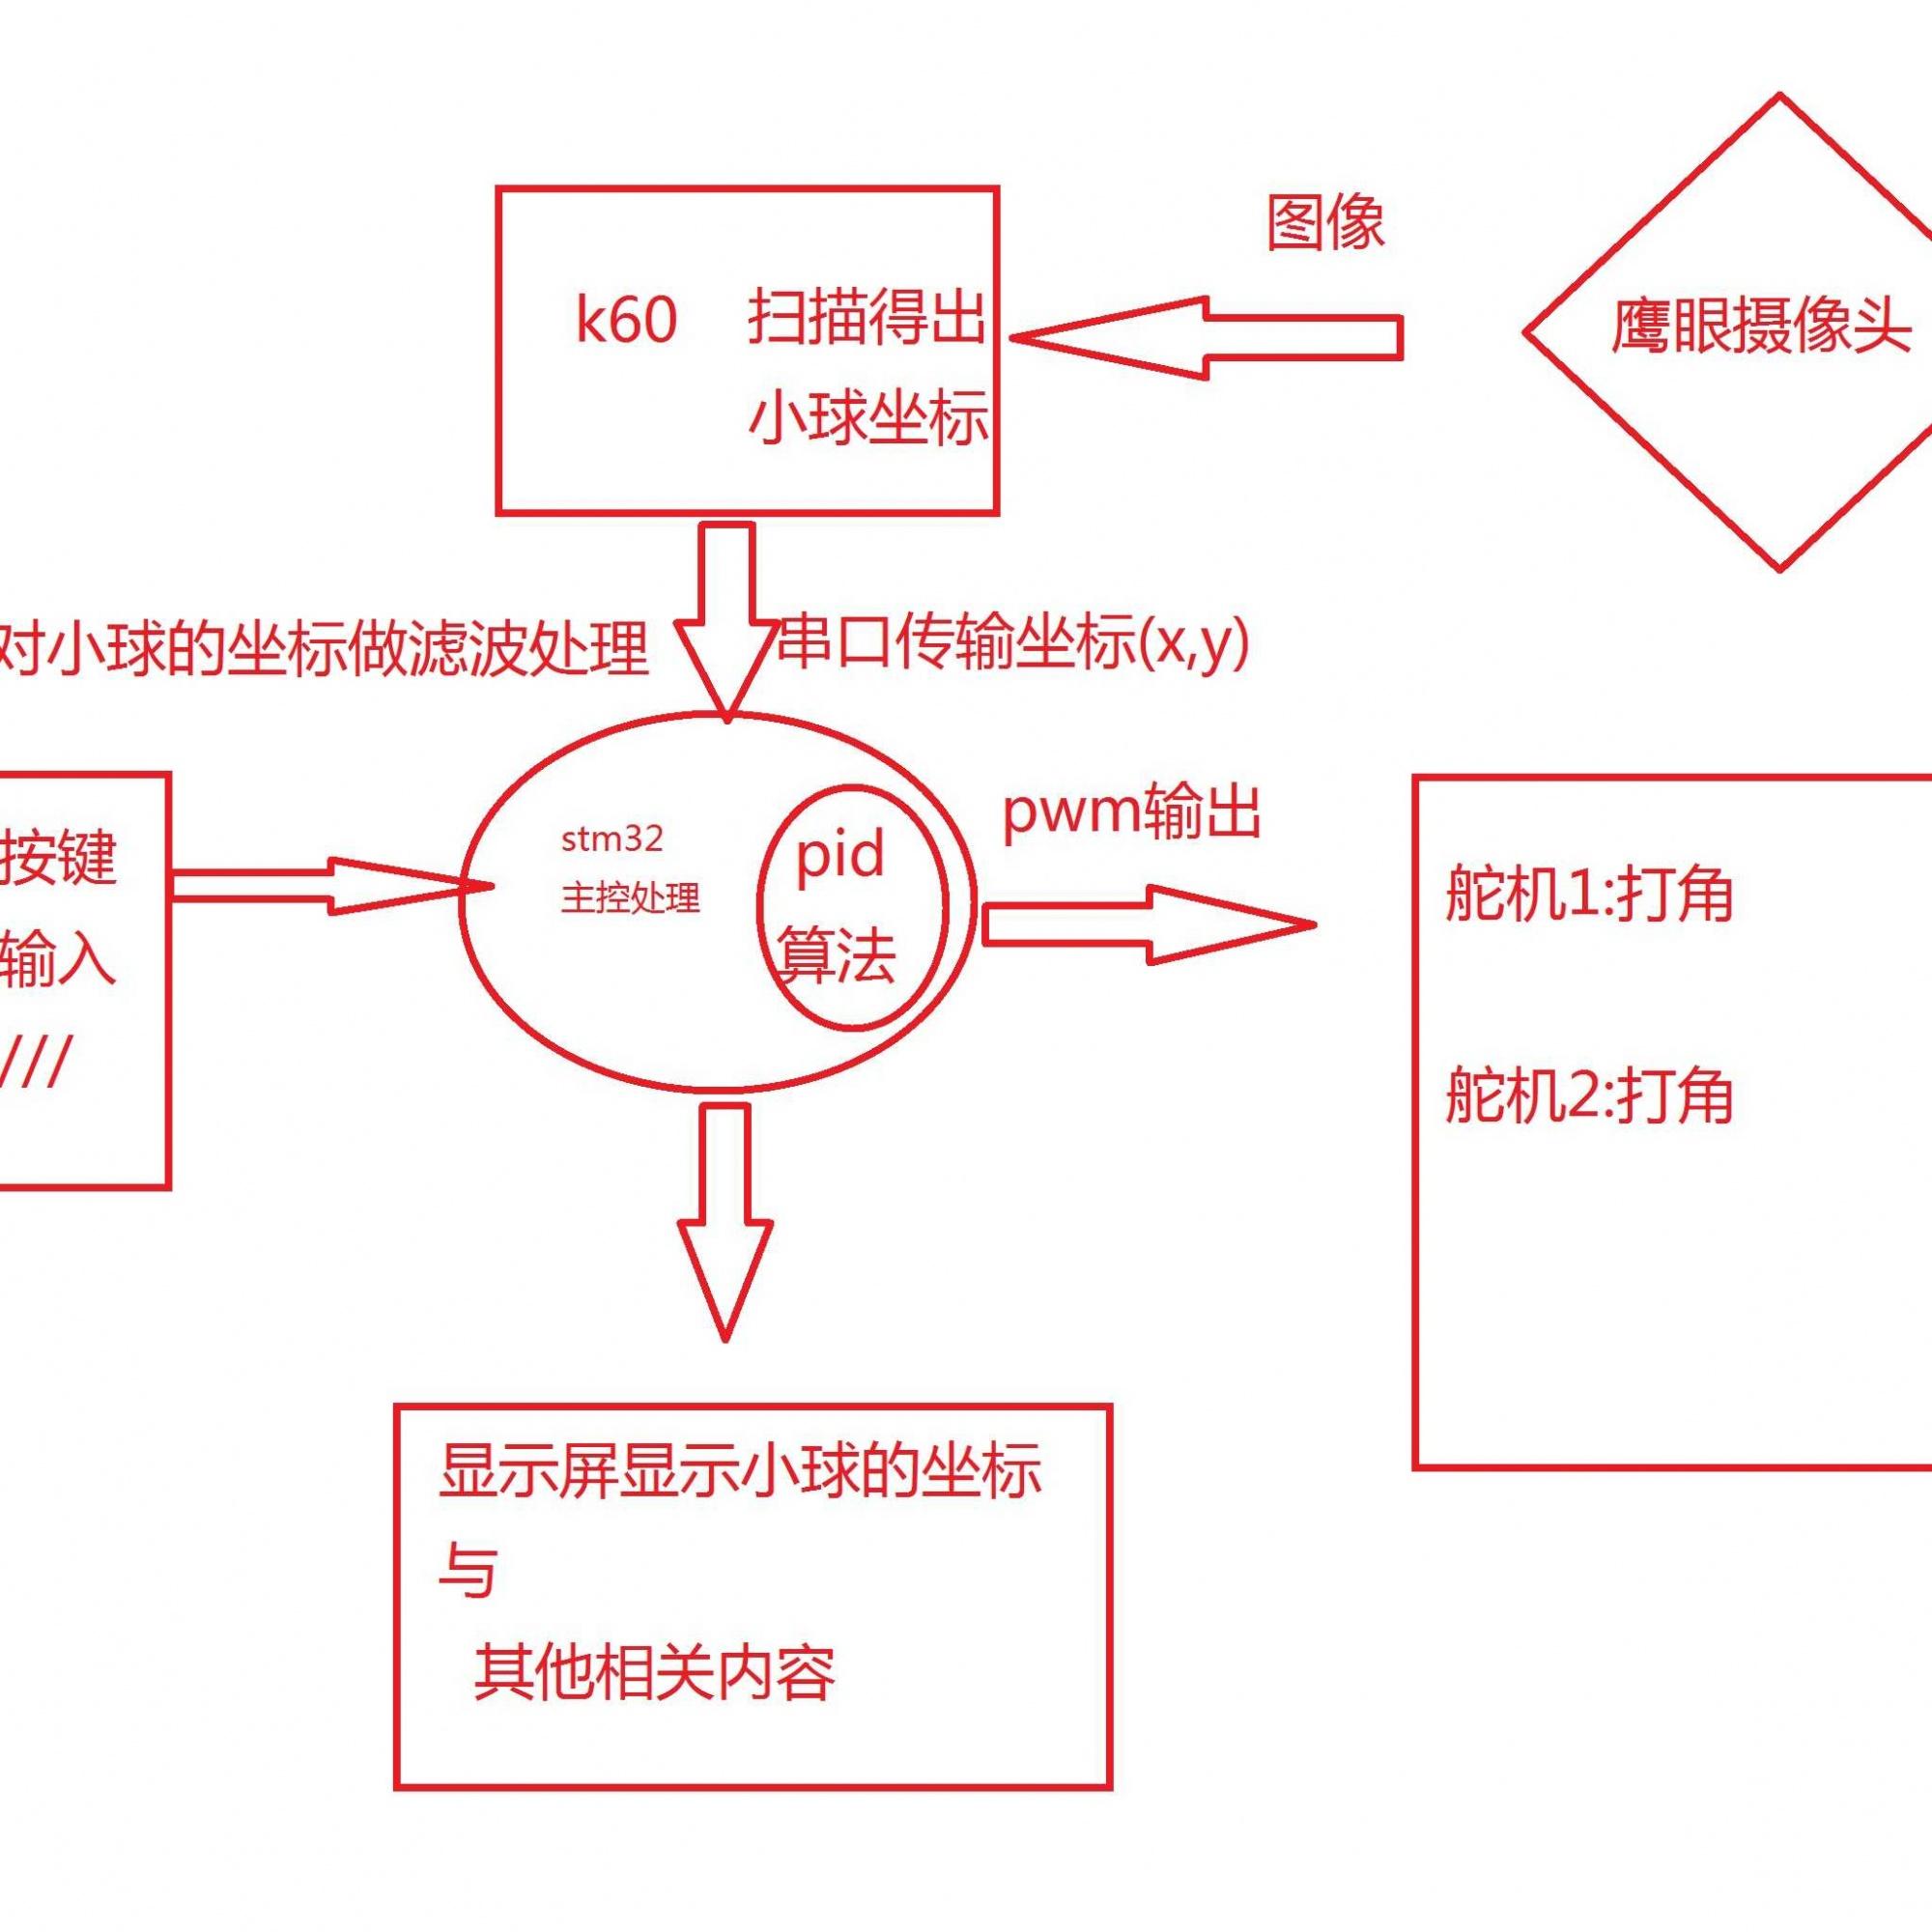 把基本的模块搭建起来,用stm32控制舵机的打角与显示屏的显示,,而k60